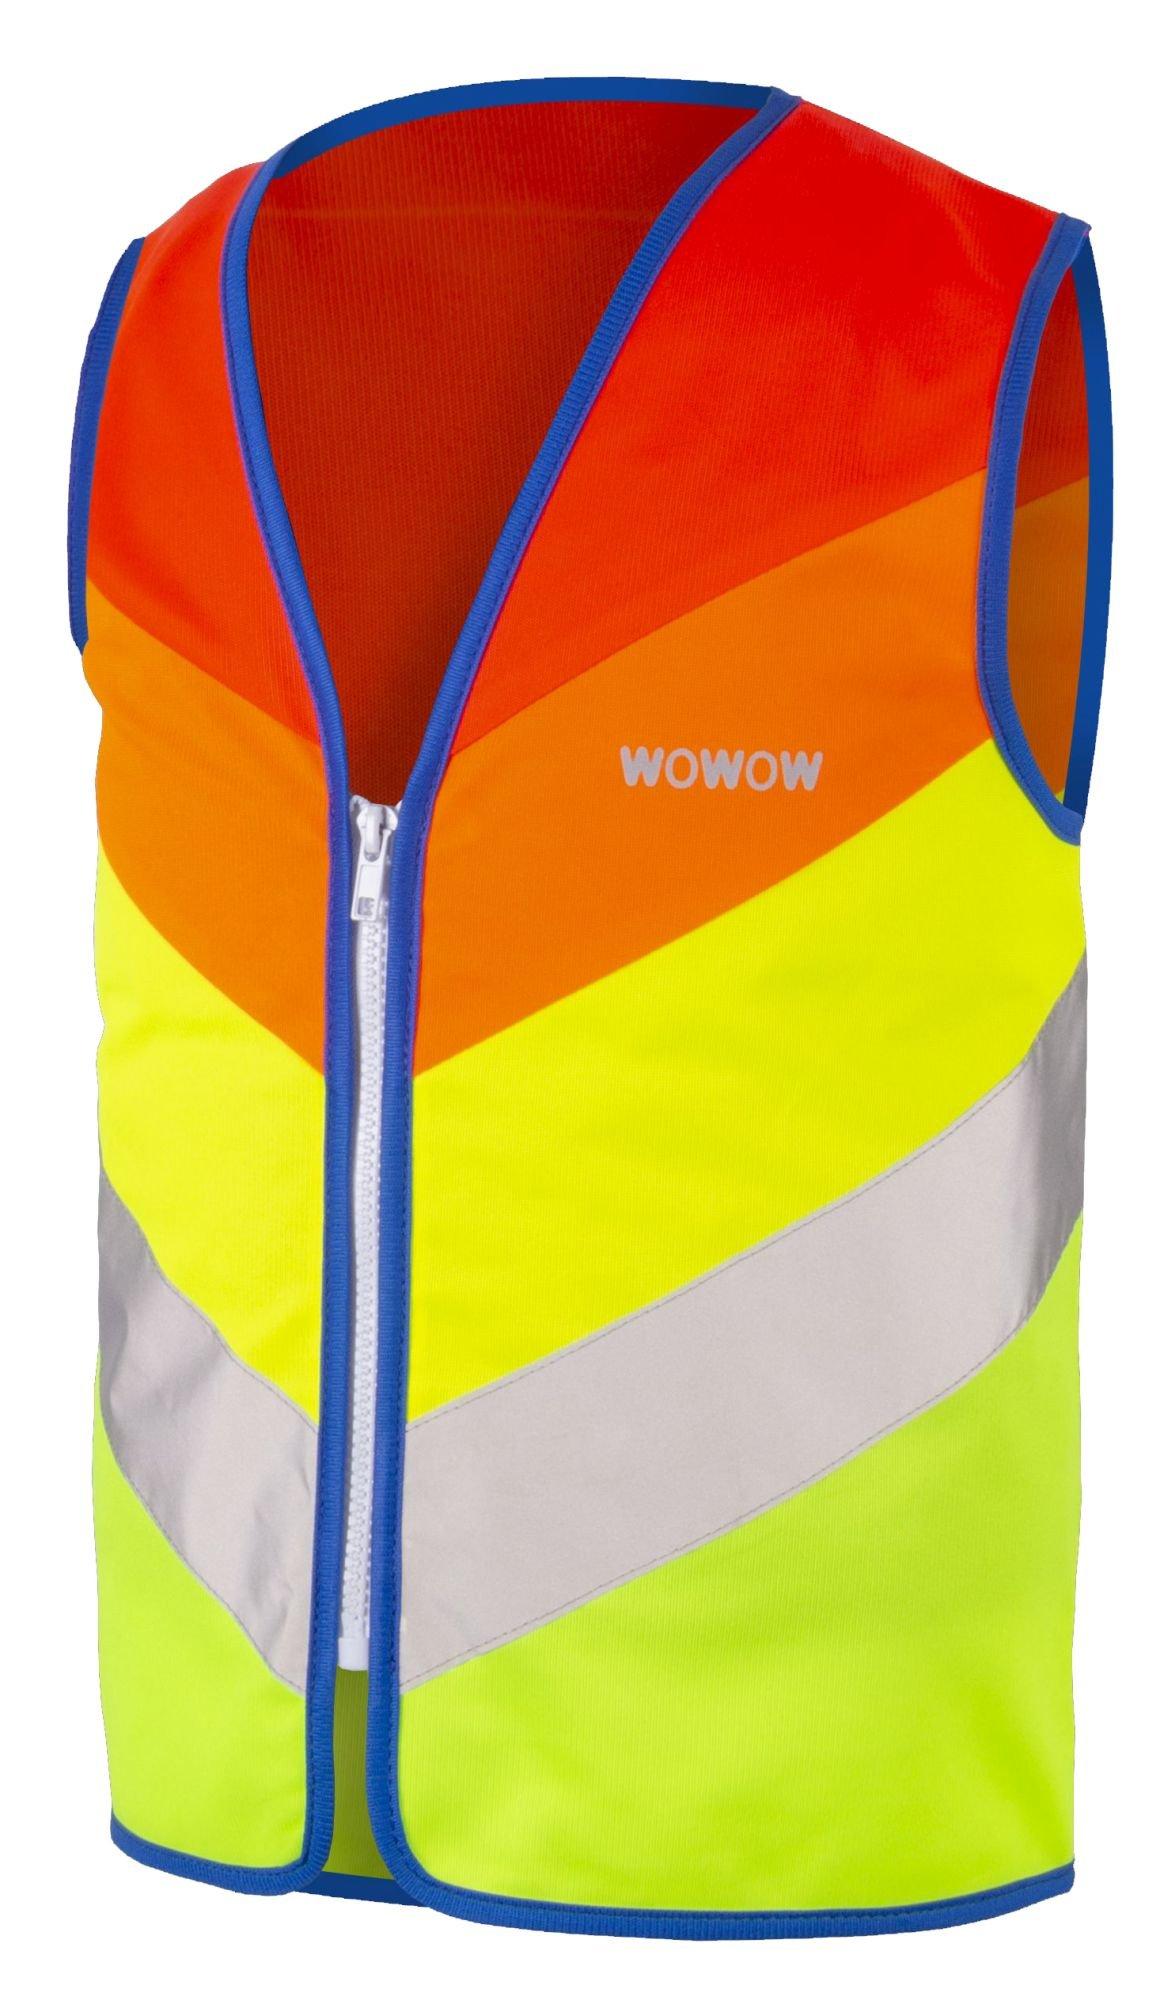 sicherheitsbekleidung/Accessoires: WoWoW  Reflexweste Kinder Rainbow Jacket